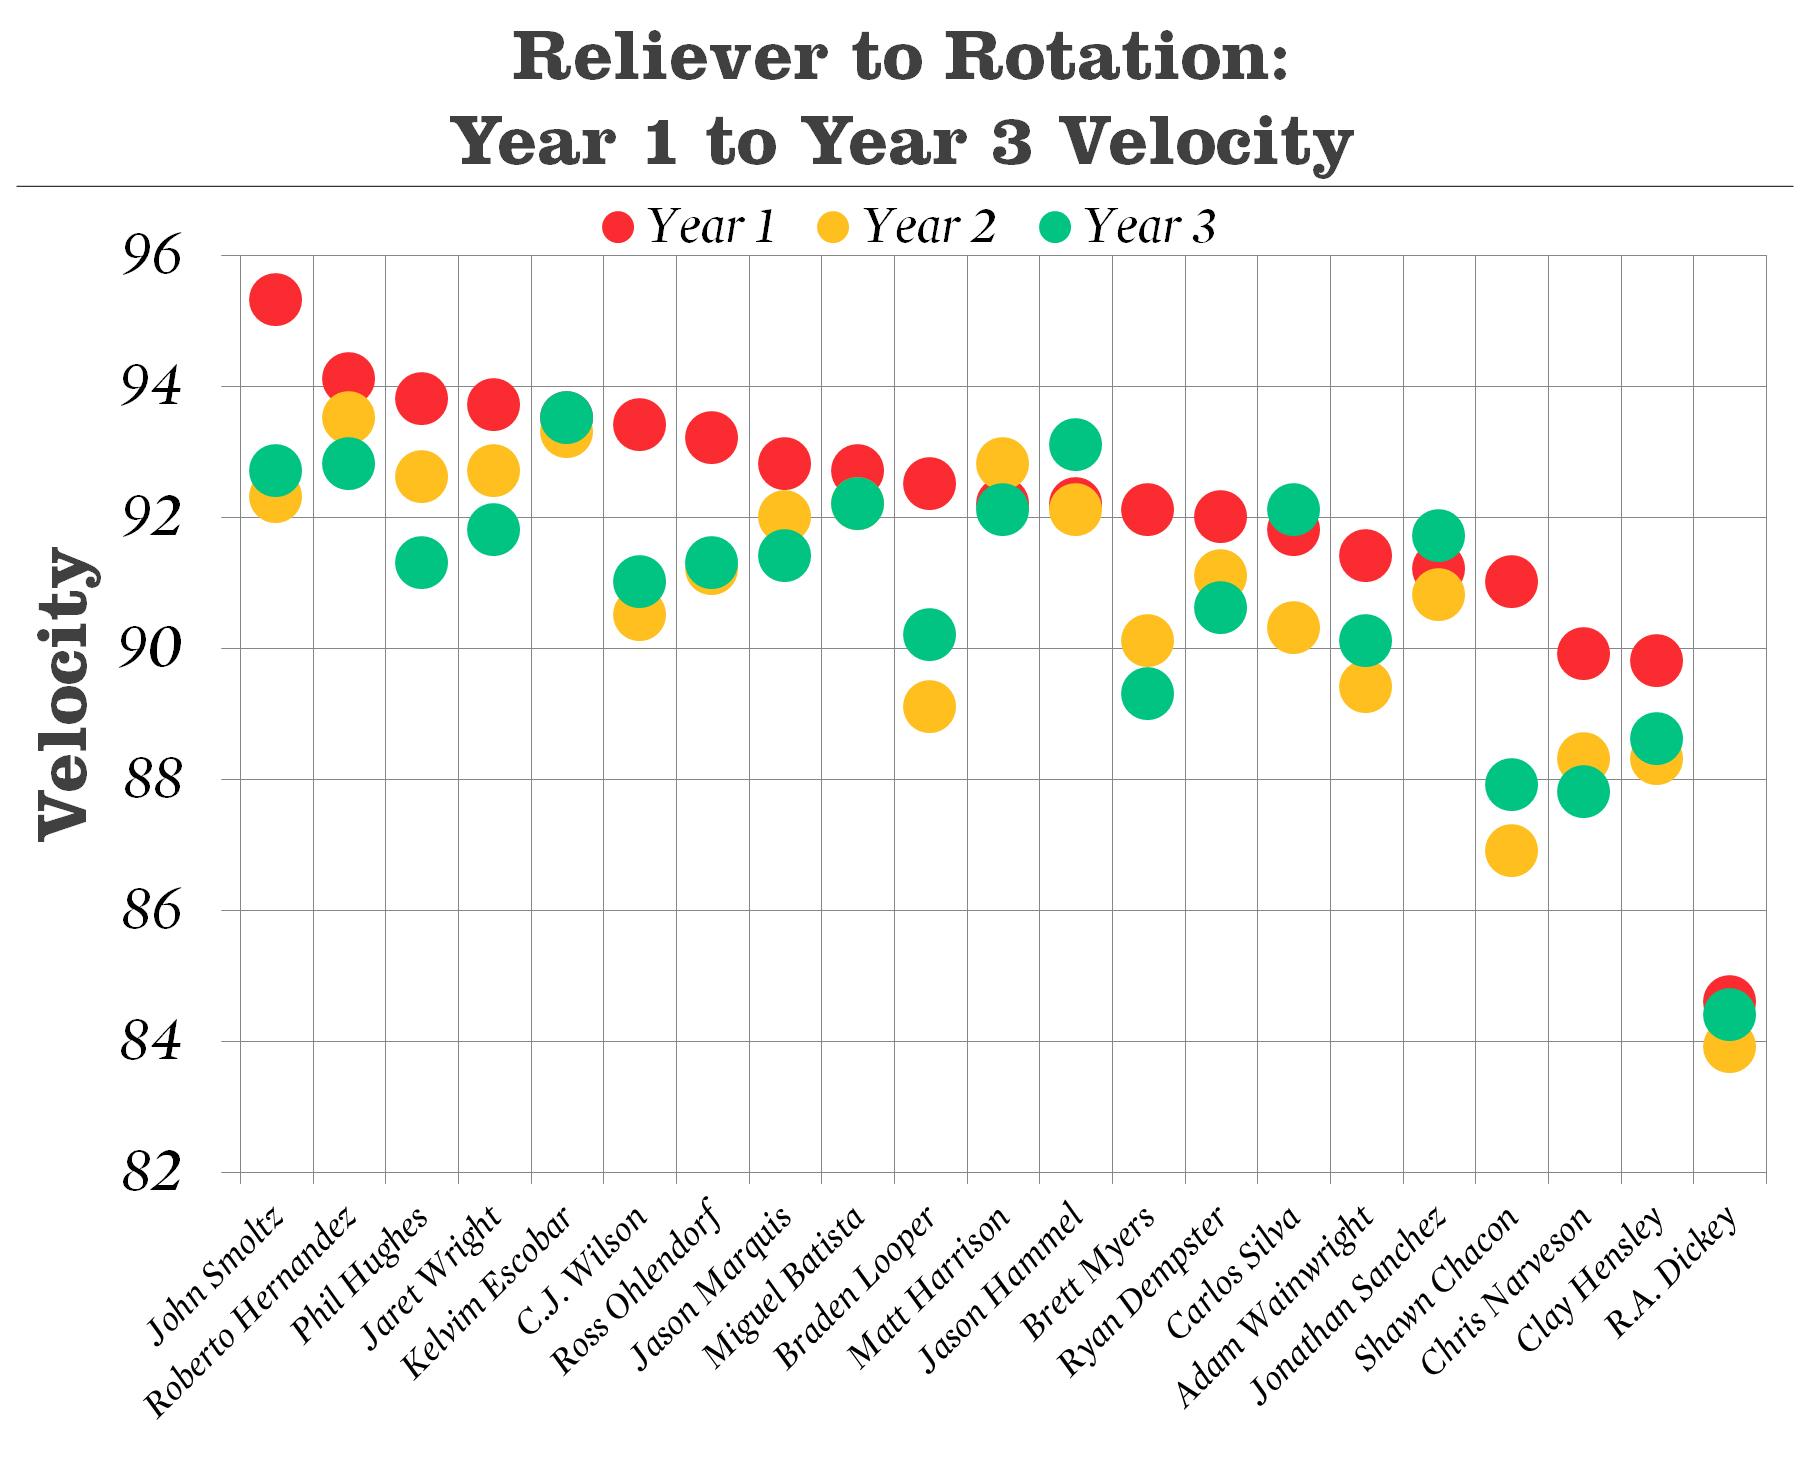 Velocity-change-reliever-rotation3_medium